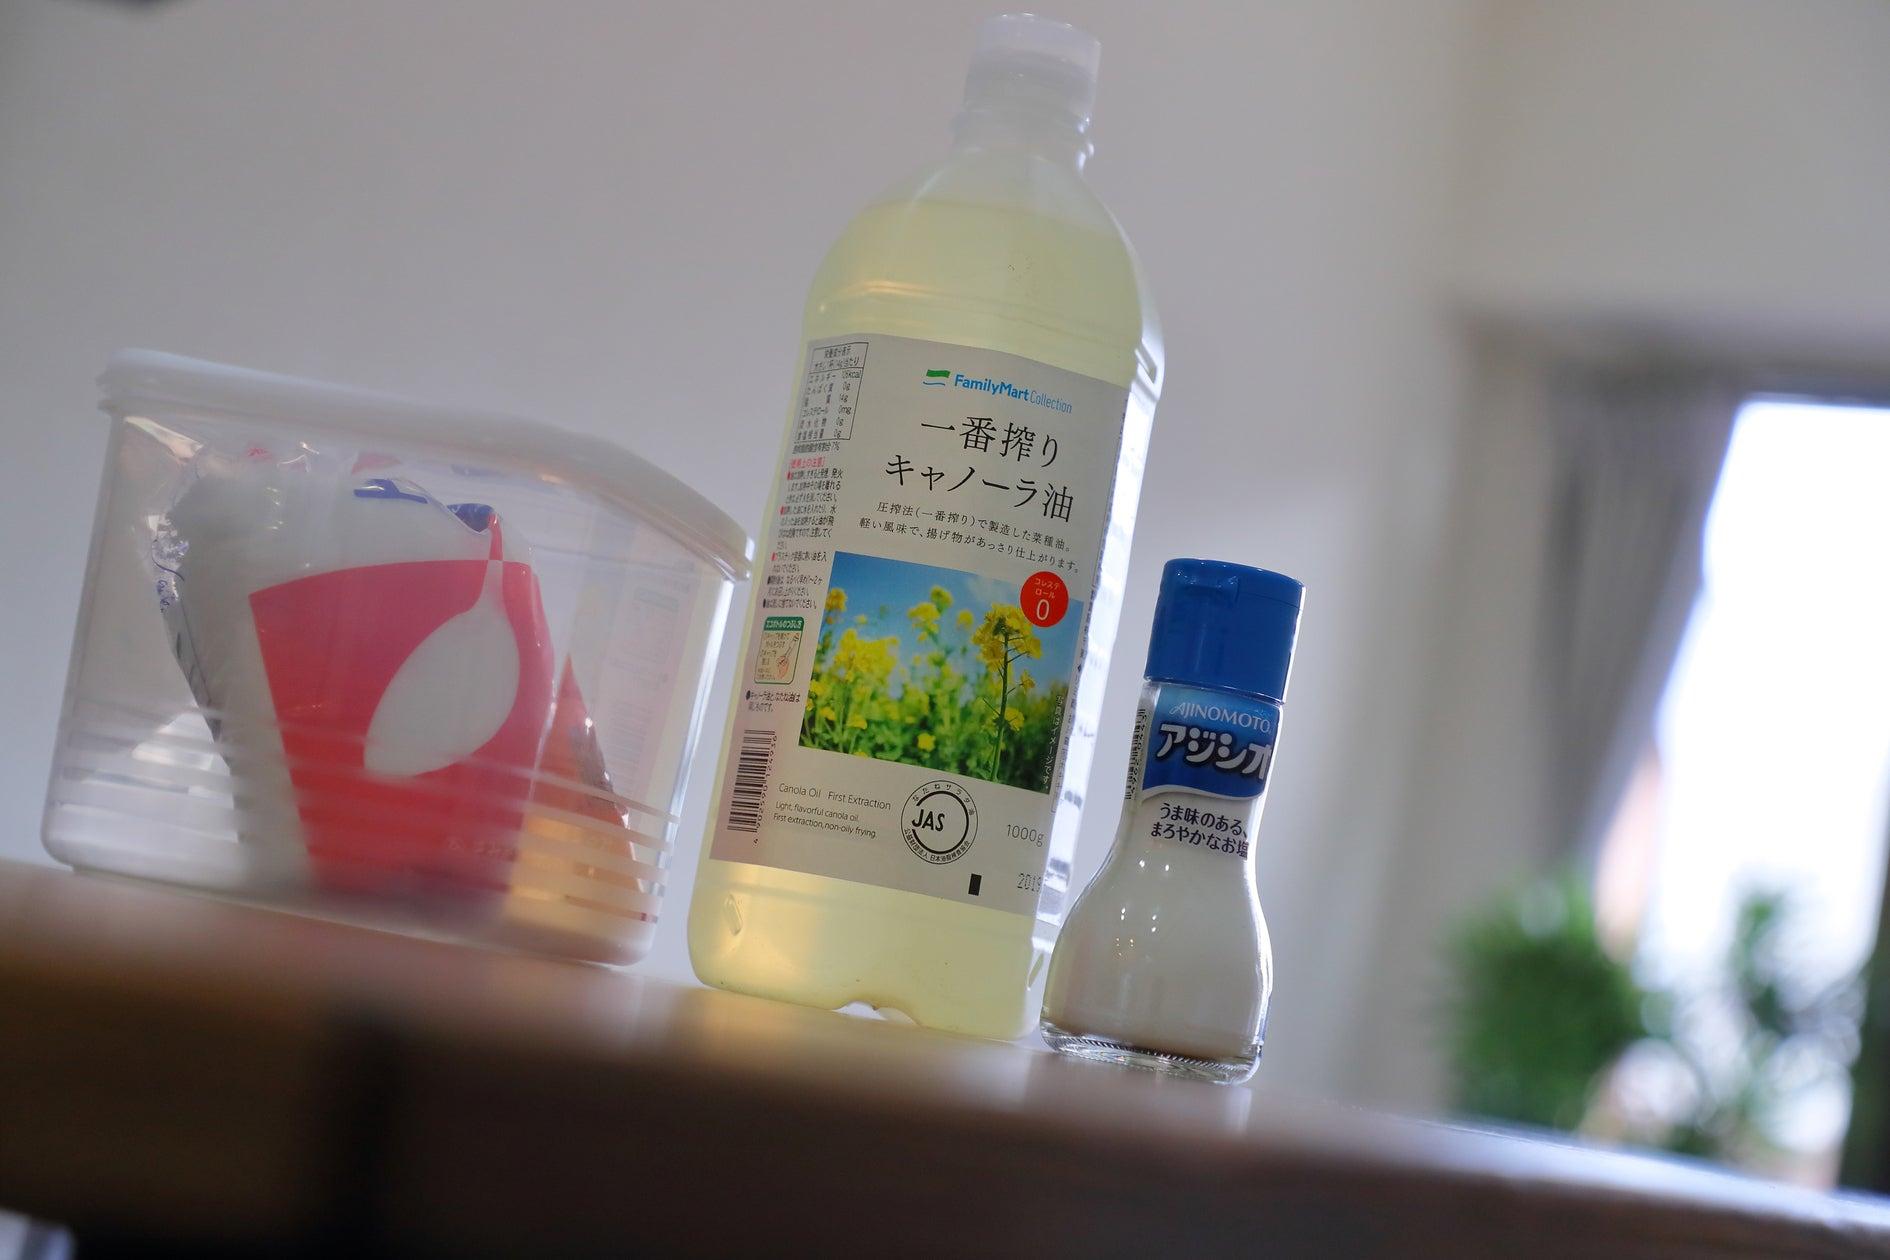 ✨OPEN SALE✨<ブーケスペース>心斎橋アメリカ村三角公園すぐ!パーティー/撮影/会議 の写真